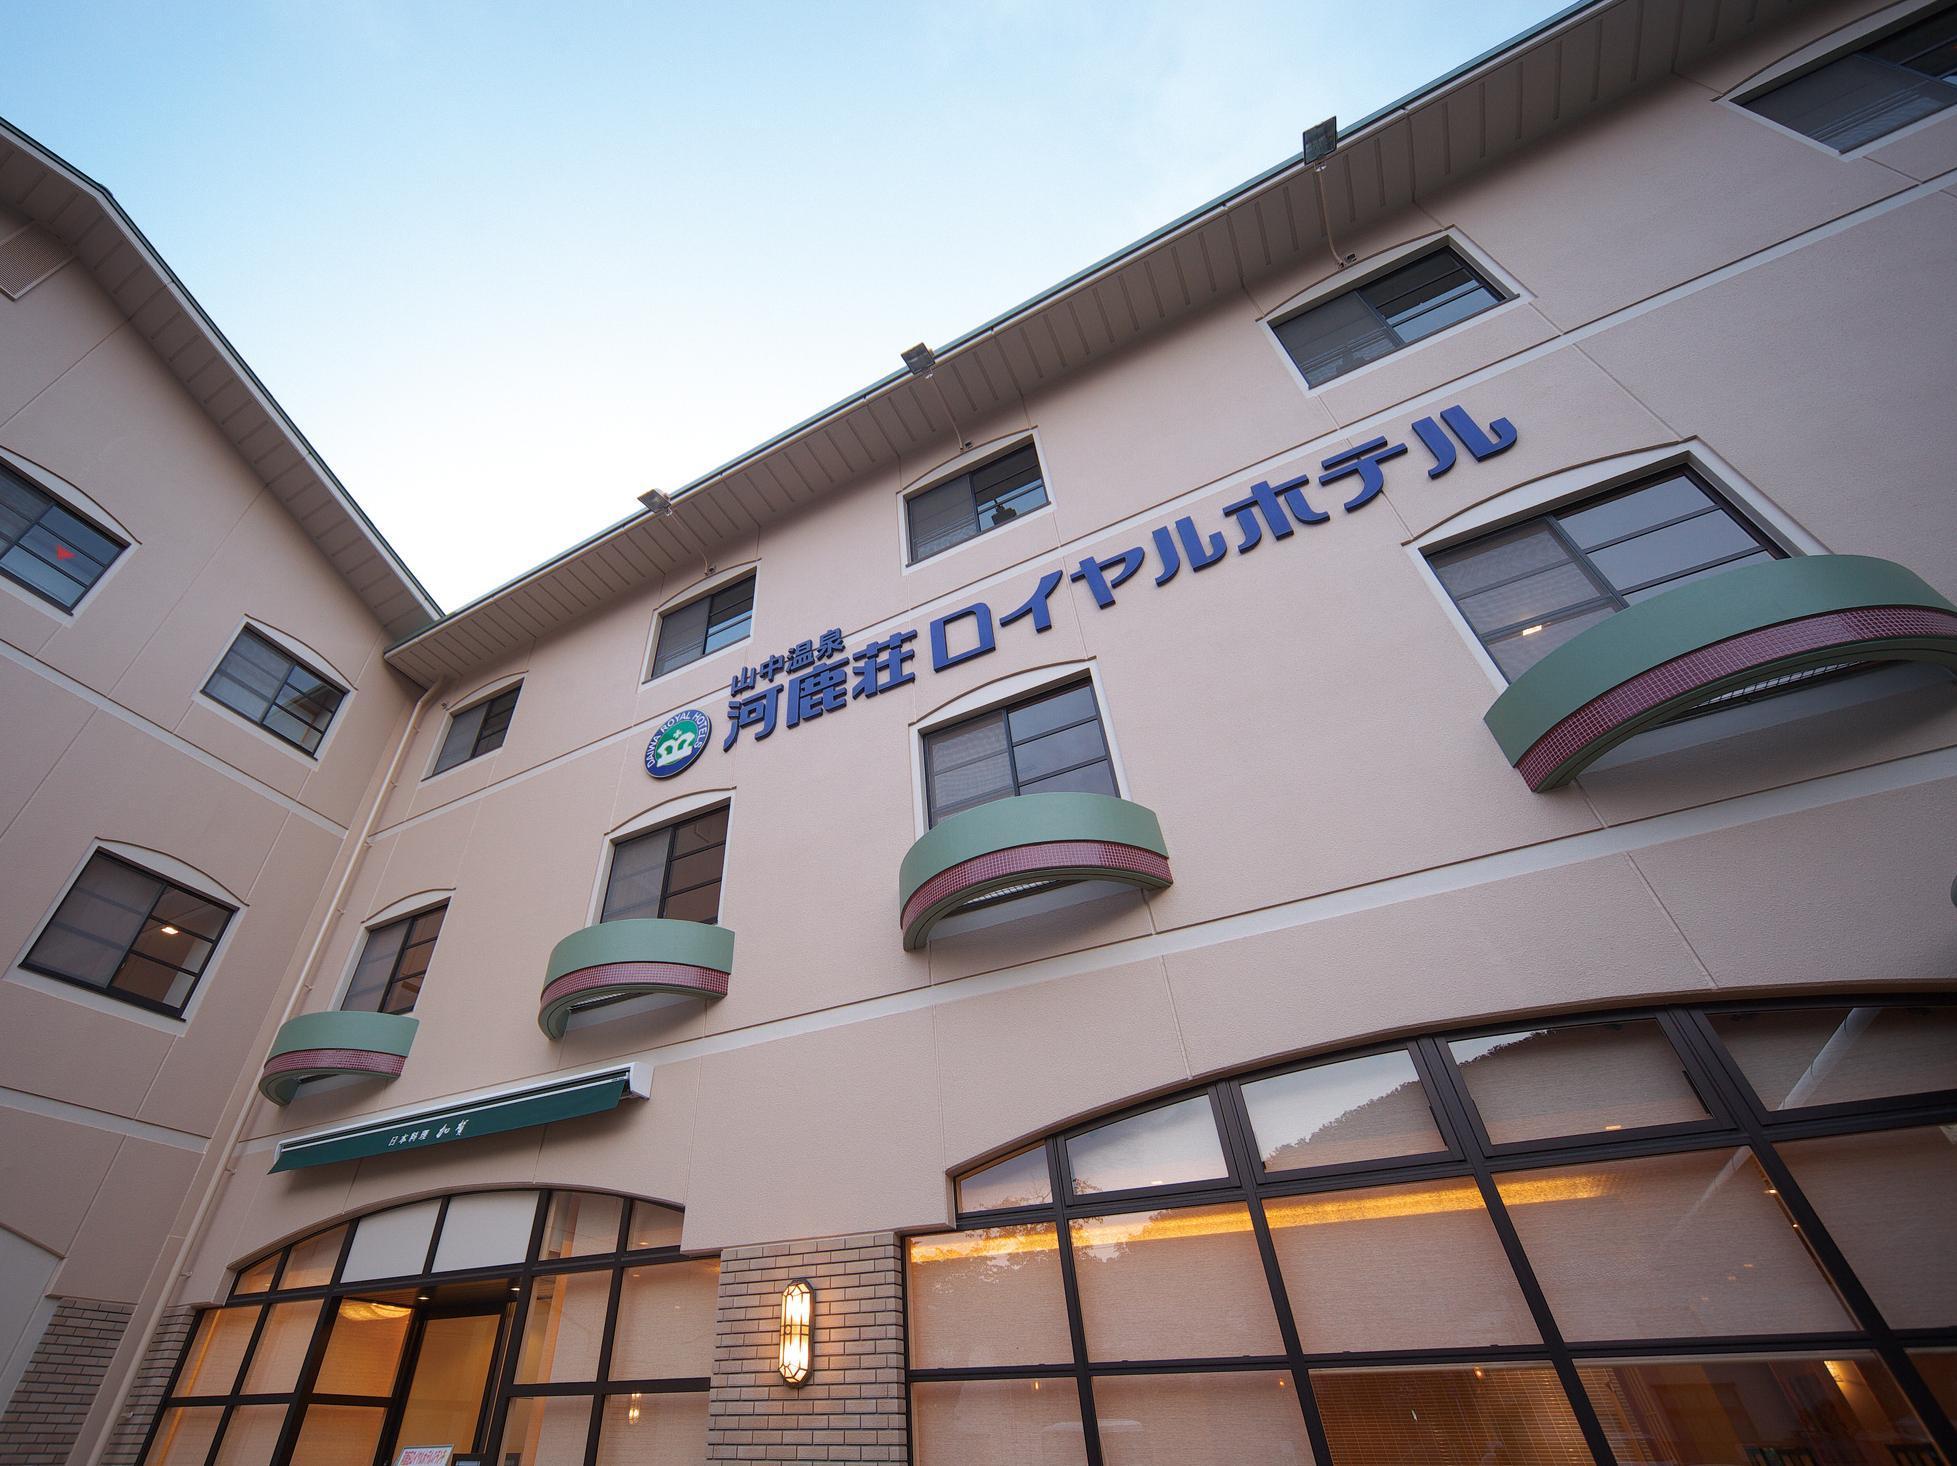 โรงแรมรอยัล ยะมะนะกะ ออนเซน คะจิกะโซะ